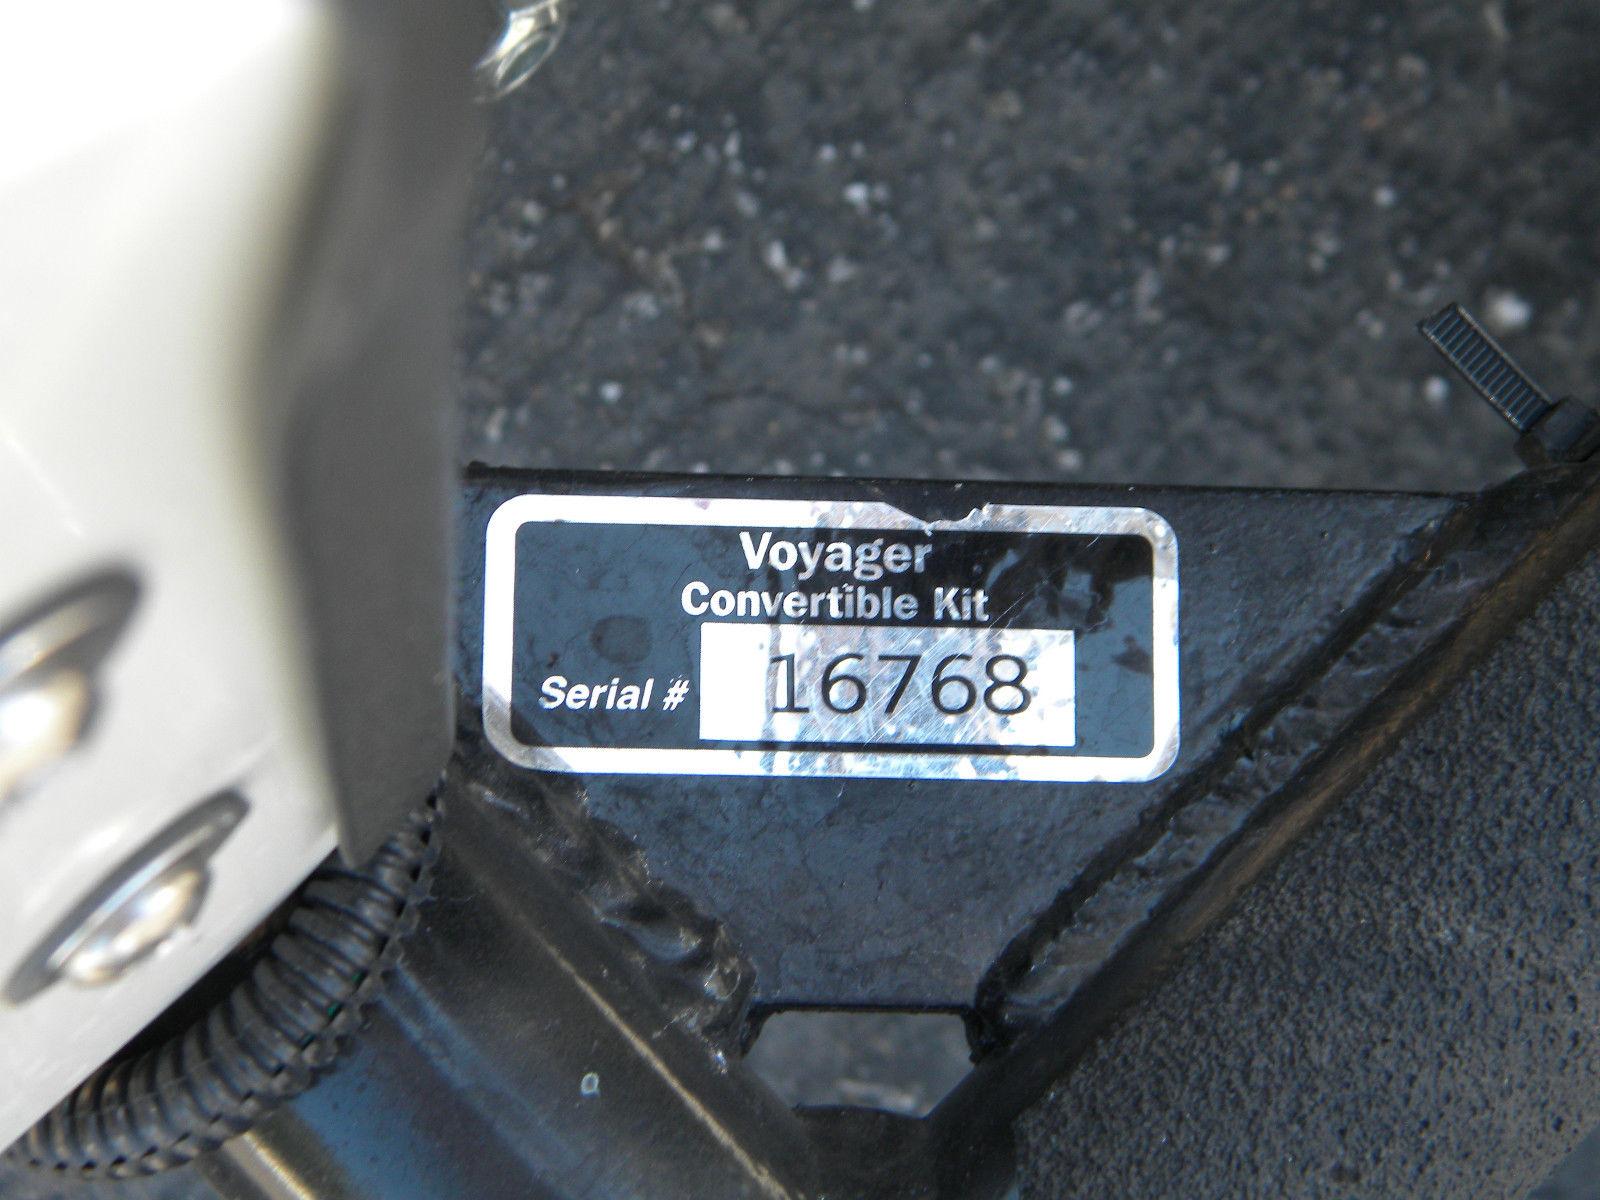 650 Burgman Voyager Trike Three 3 Wheeler Many Extras Low Miles Kit Wiring Diagram Price Us 750000